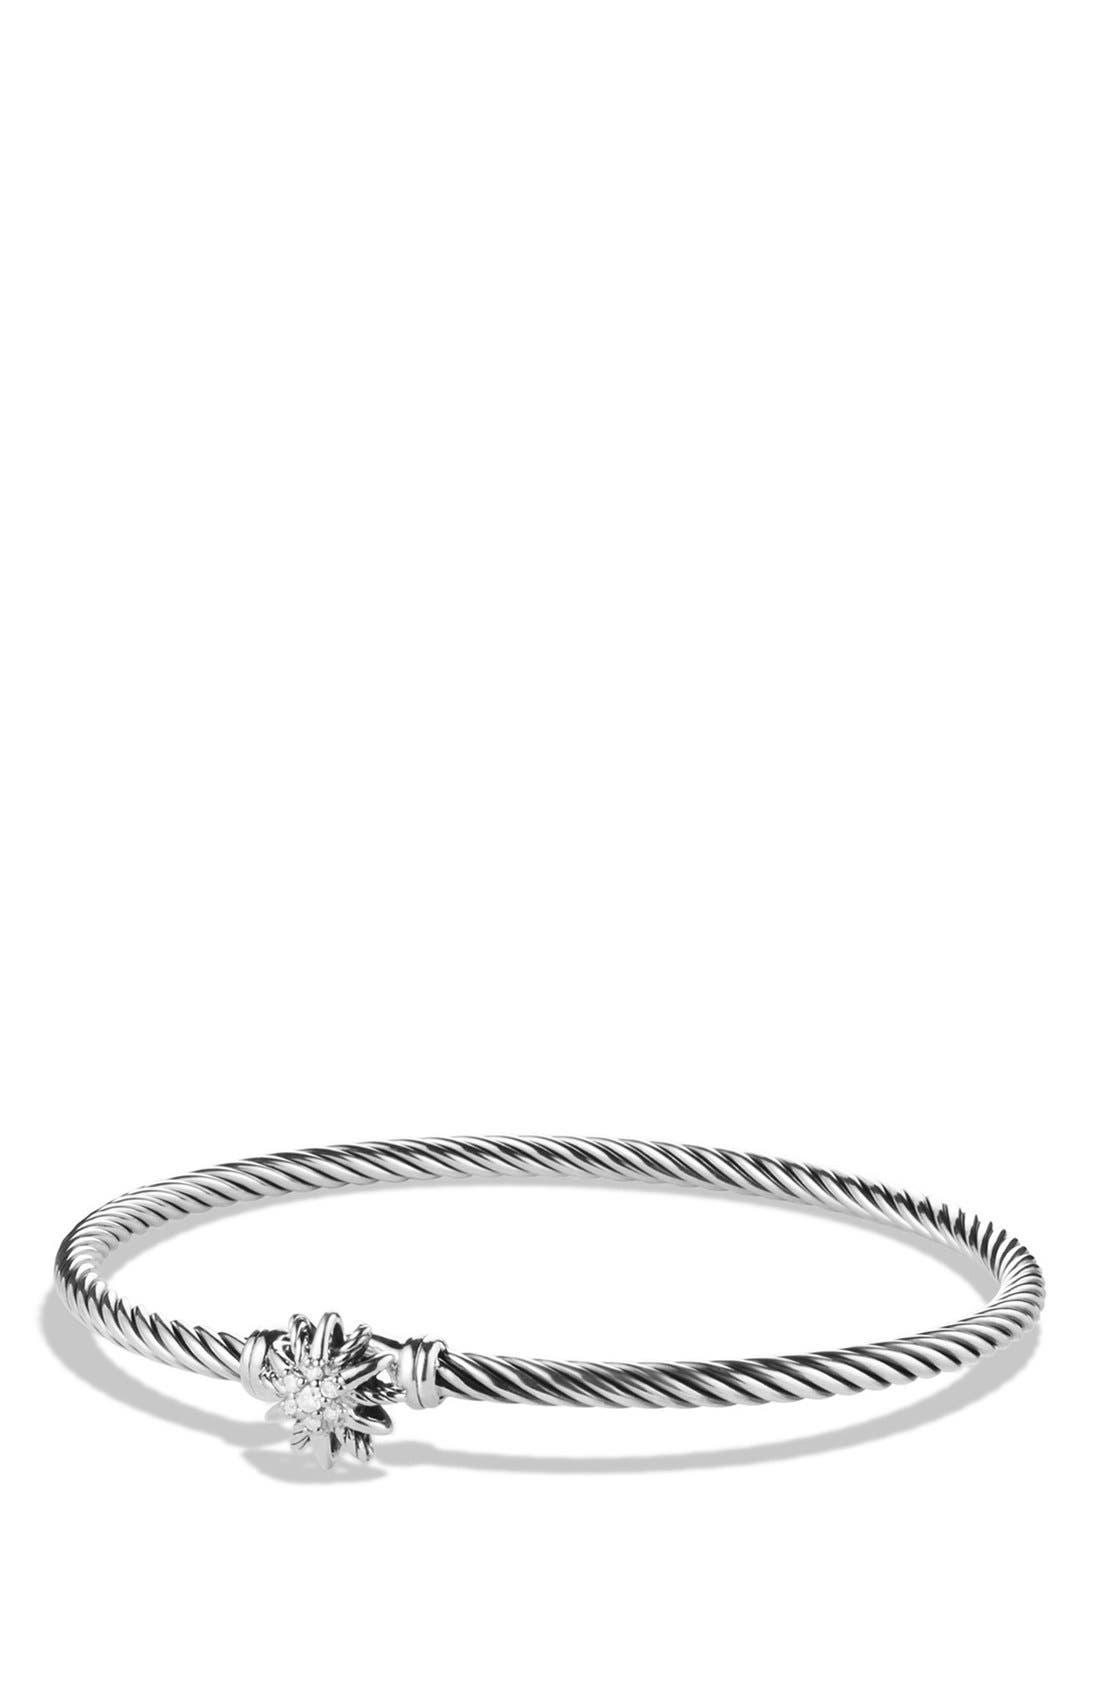 DAVID YURMAN 'Starburst' Single-Station Bracelet with Diamonds, Main, color, DIAMOND